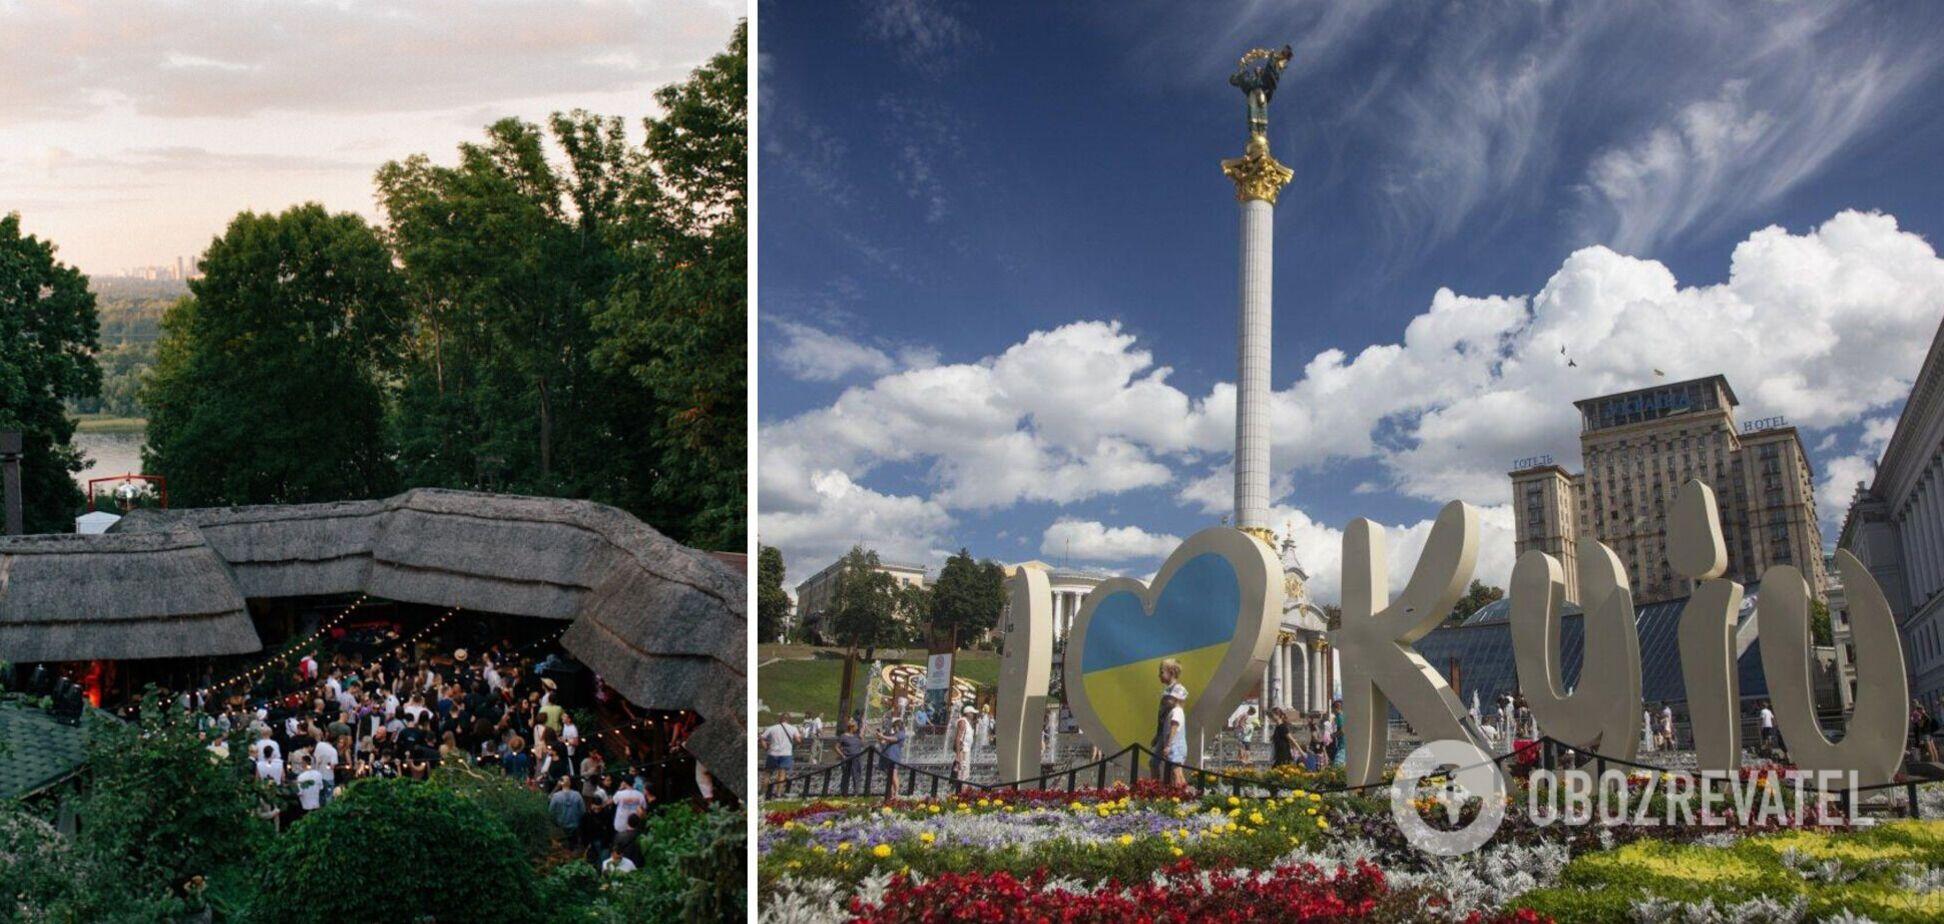 До Дня Києва у 'Куренях' проведуть фестиваль з музикою, фудкортами і вініловим маркетом